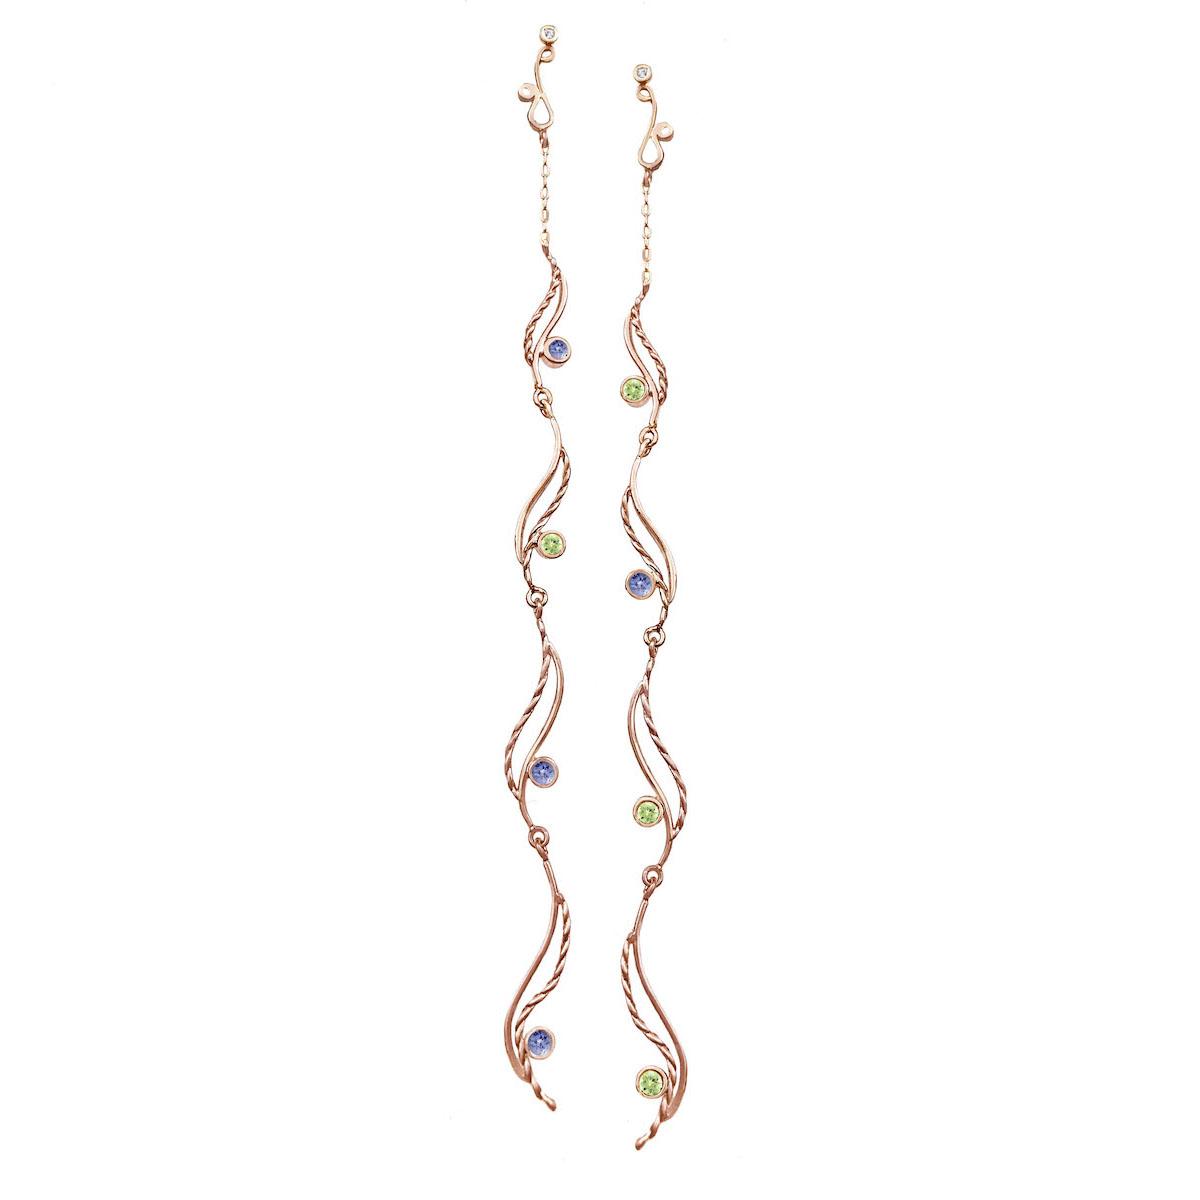 gemstone-accents-wave-journey-duster-earrings-14k-jewelyrie-PeridotTanzanite